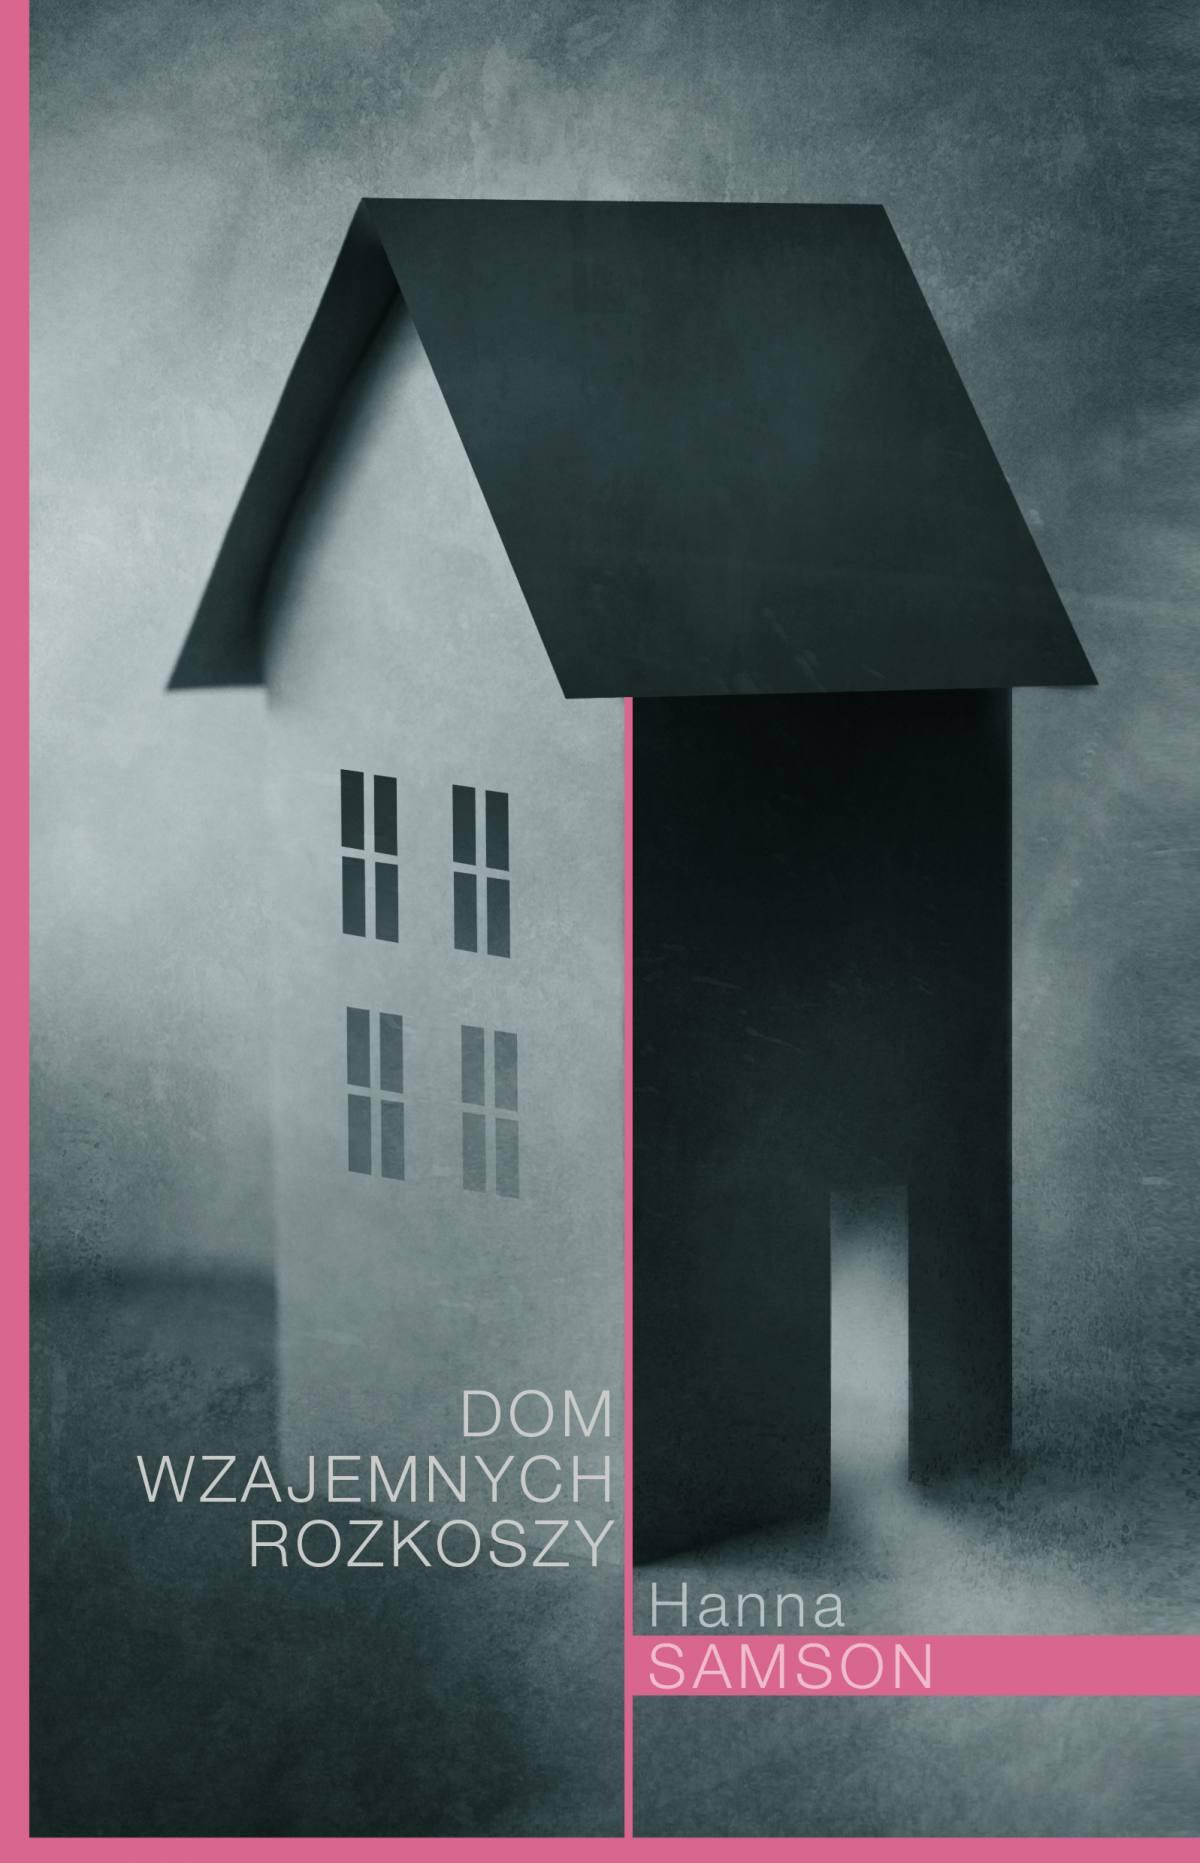 Dom wzajemnych rozkoszy - Ebook (Książka na Kindle) do pobrania w formacie MOBI